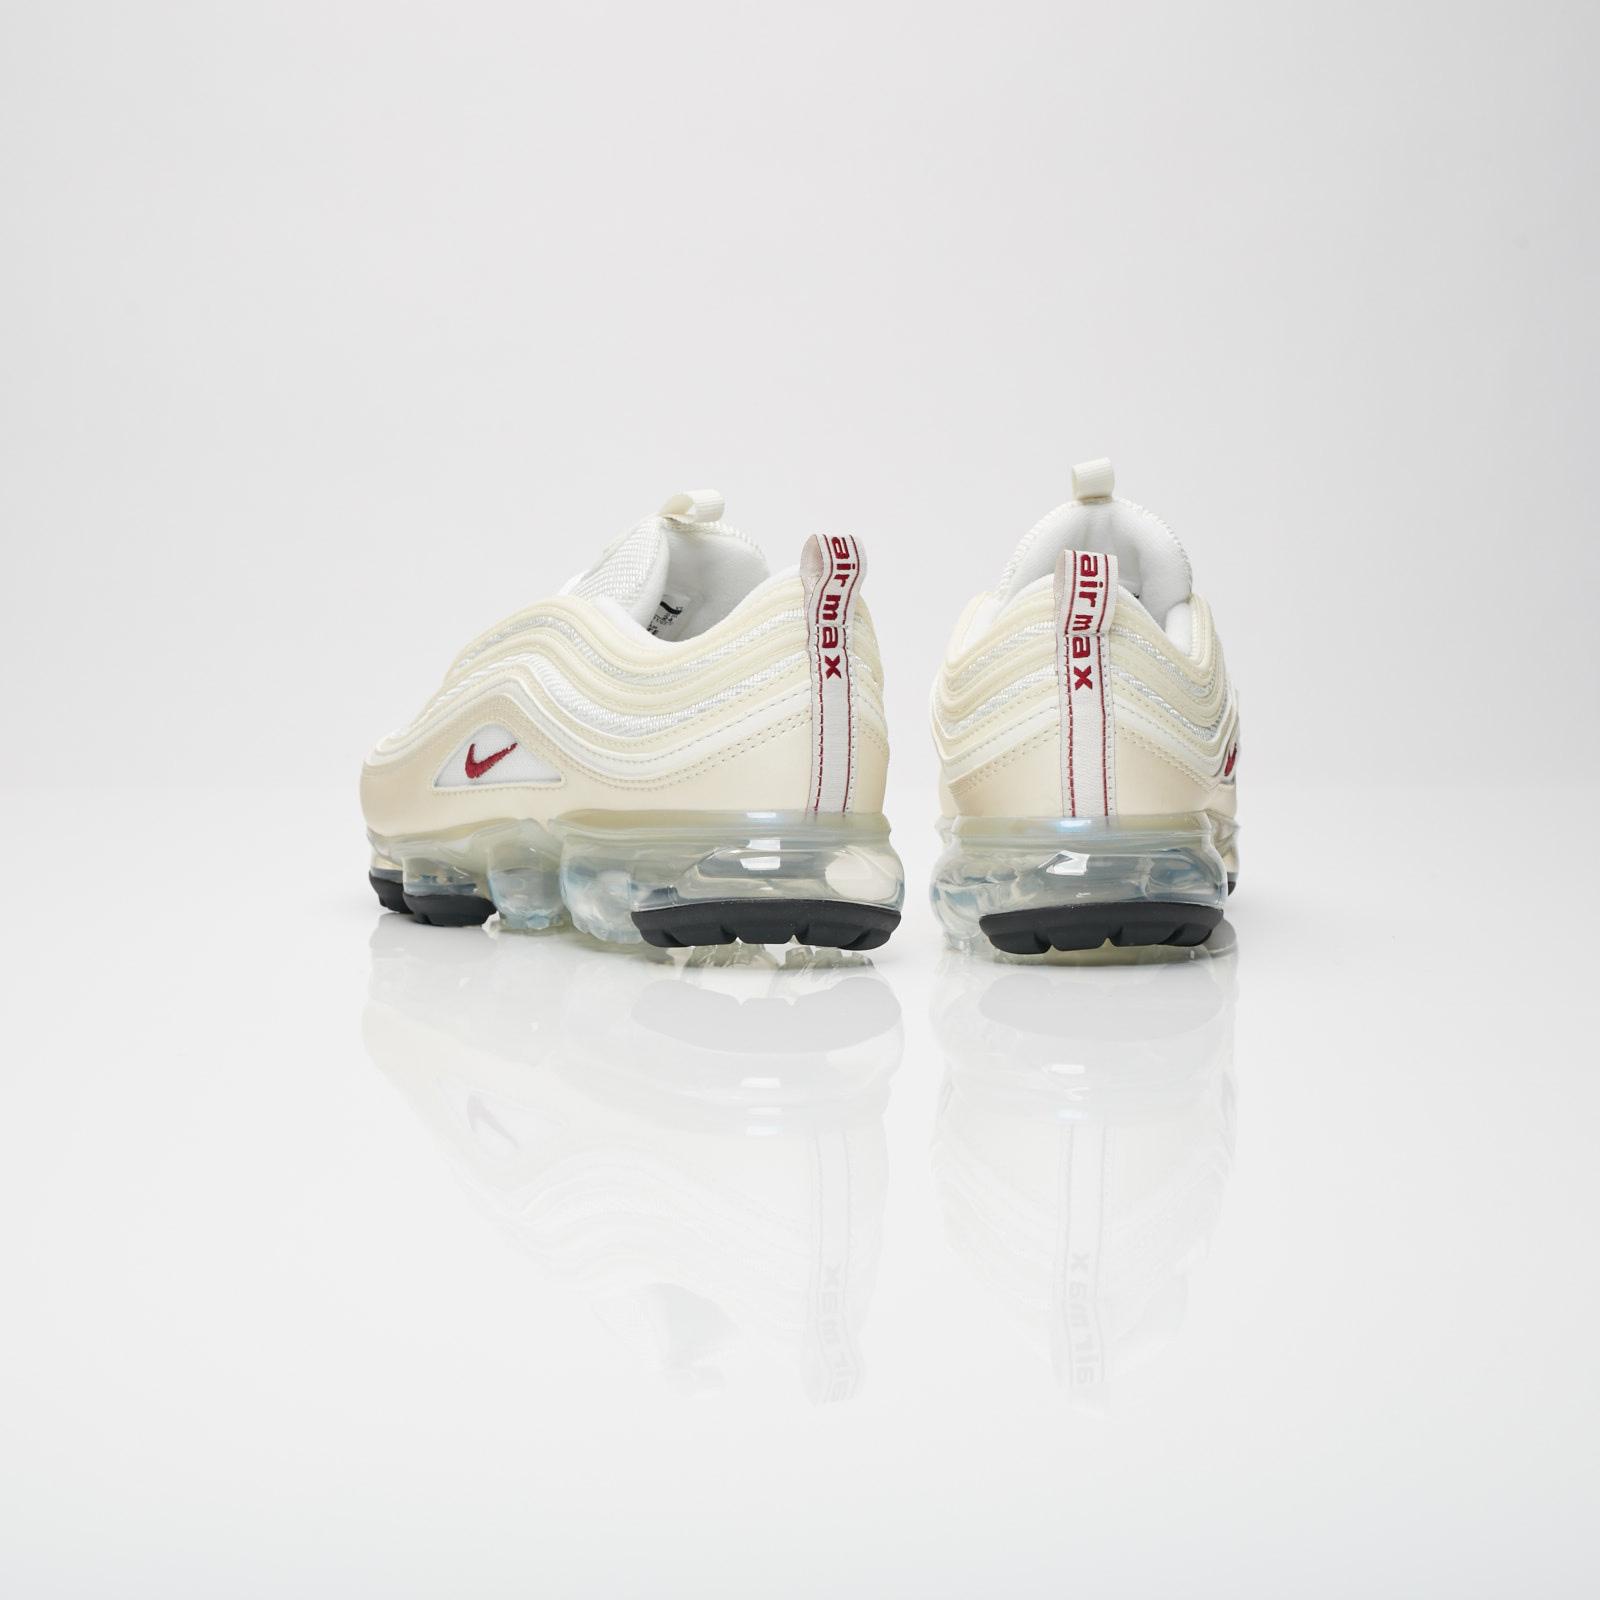 online retailer b3d64 b7925 Nike Wmns Air Vapormax 97 - Ao4542-900 - Sneakersnstuff ...